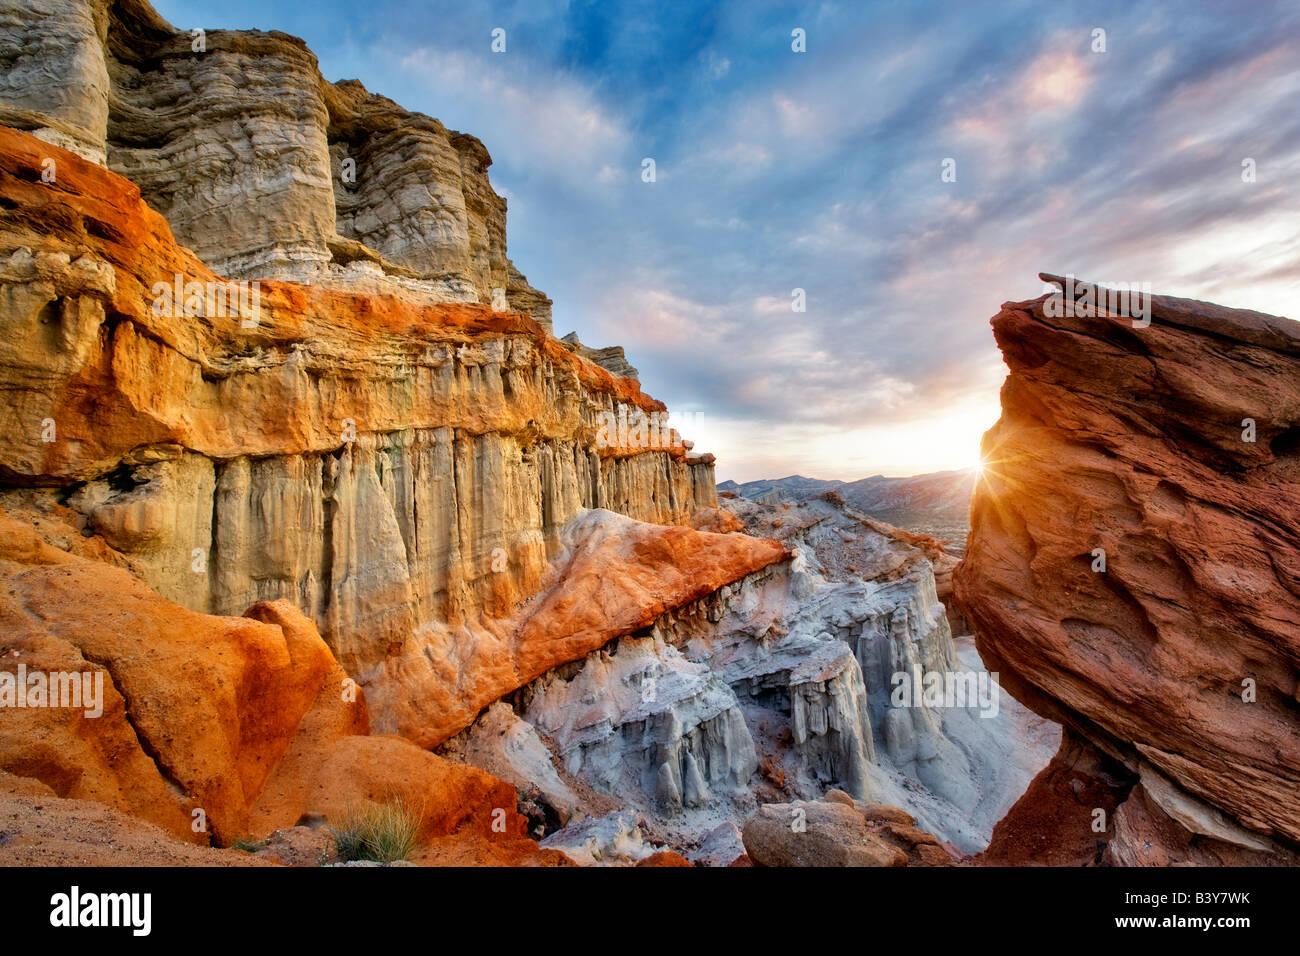 Les nuages gonflés et des rochers de grès colorés au Red Rock Canyon State Park en Californie Photo Stock